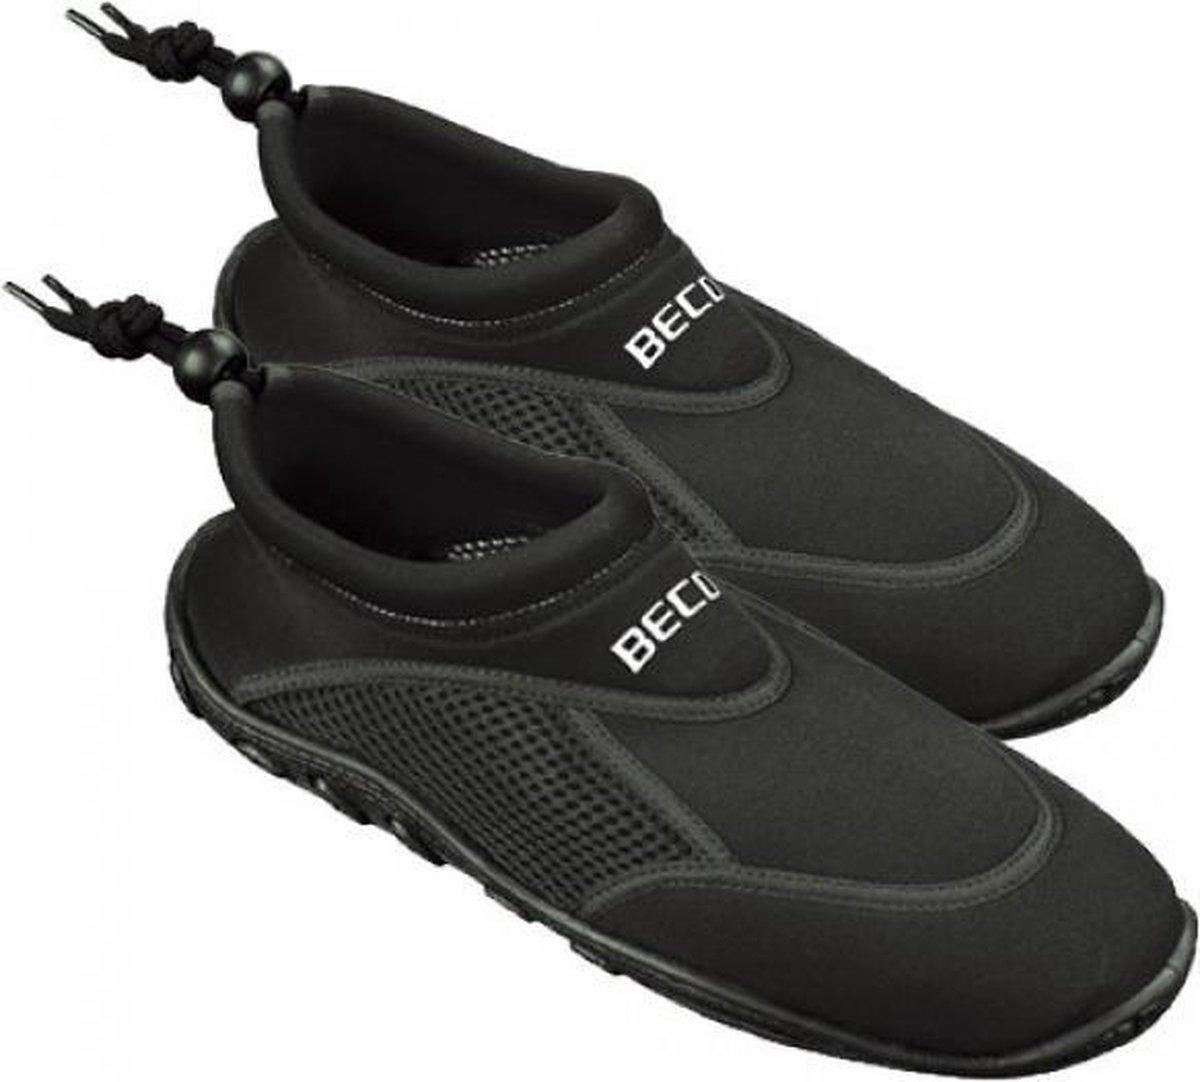 Beco - Waterschoenen - Volwassenen - Zwart - Maat 40